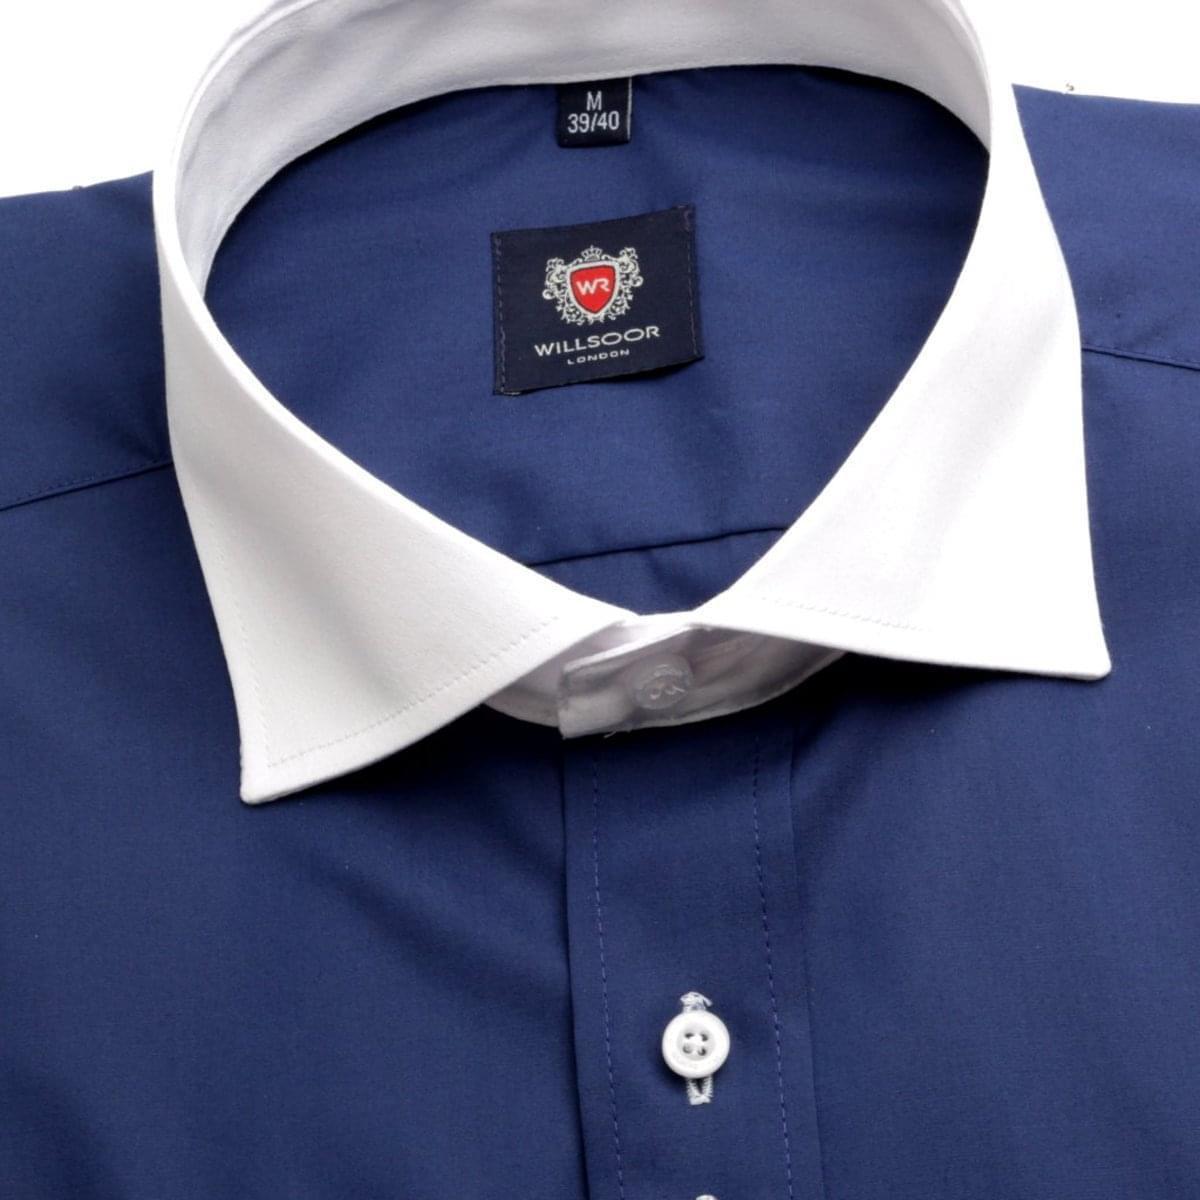 Pánská košile London v modré barvě (výška 188-194) 5520 188-194 / XL (43/44)